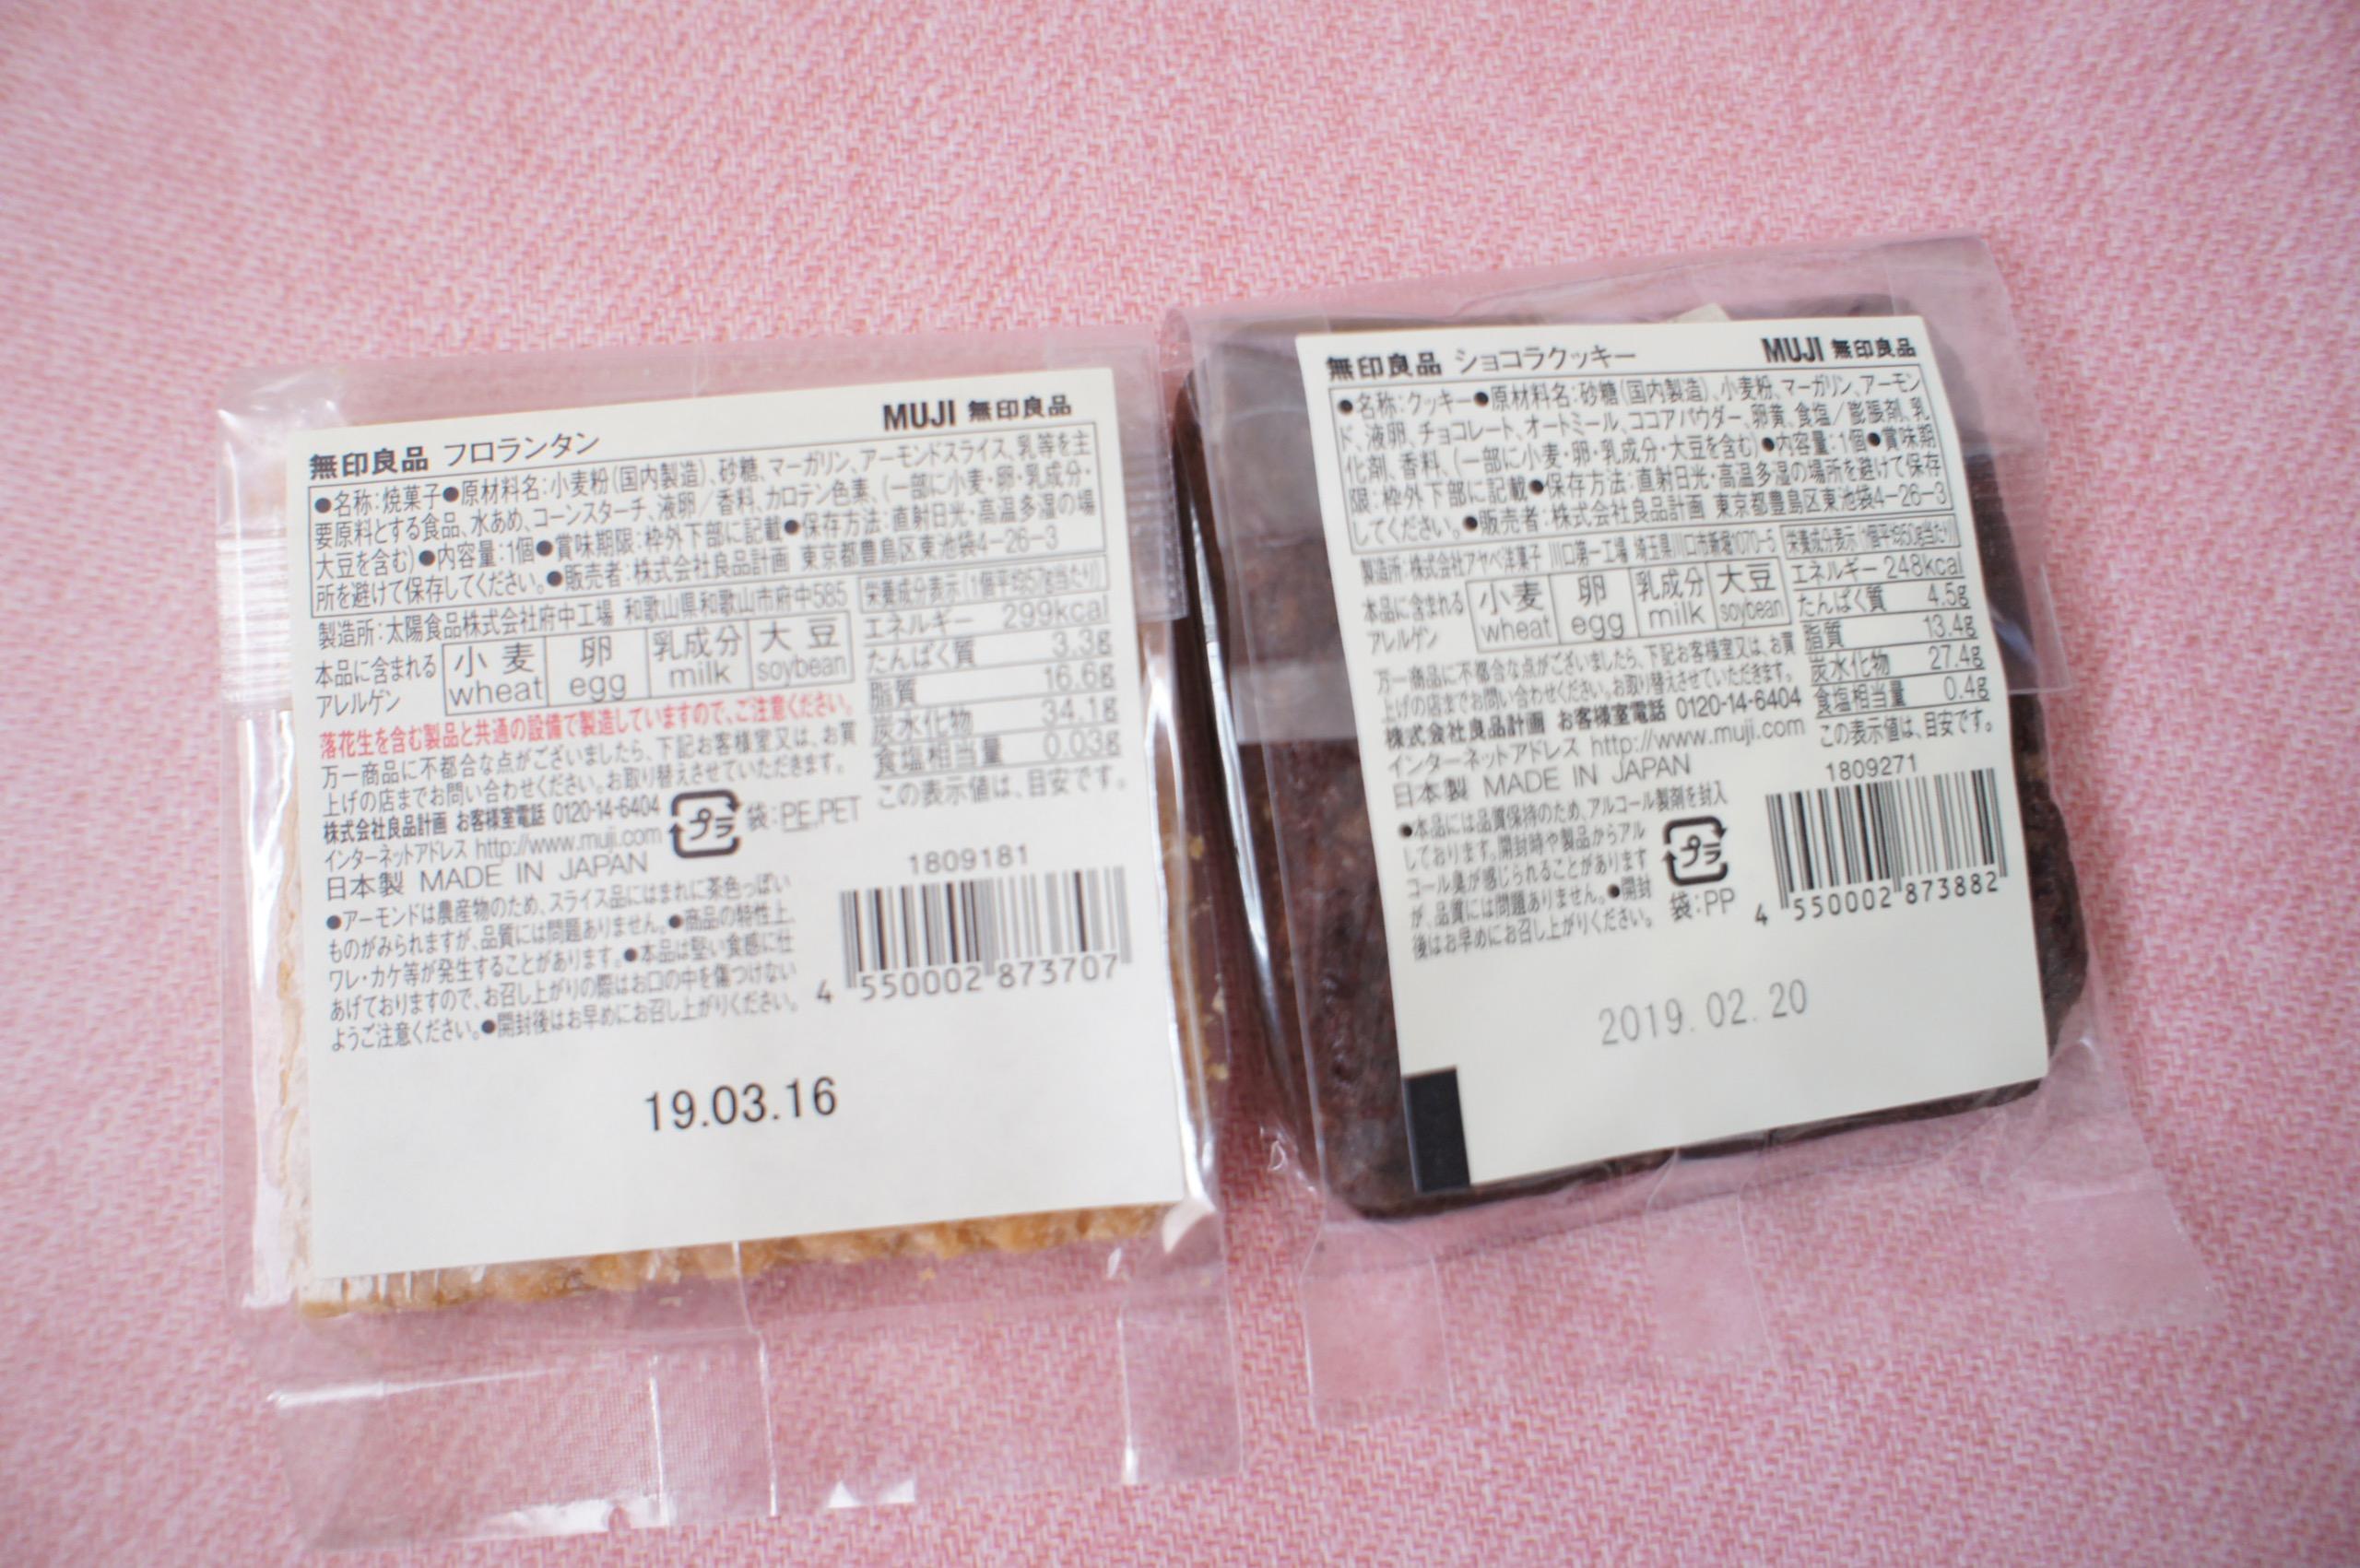 《1個¥190から買える❤️》友チョコ・義理チョコに最適☝︎❤︎【無印良品】の焼菓子がコスパ◎です!_3